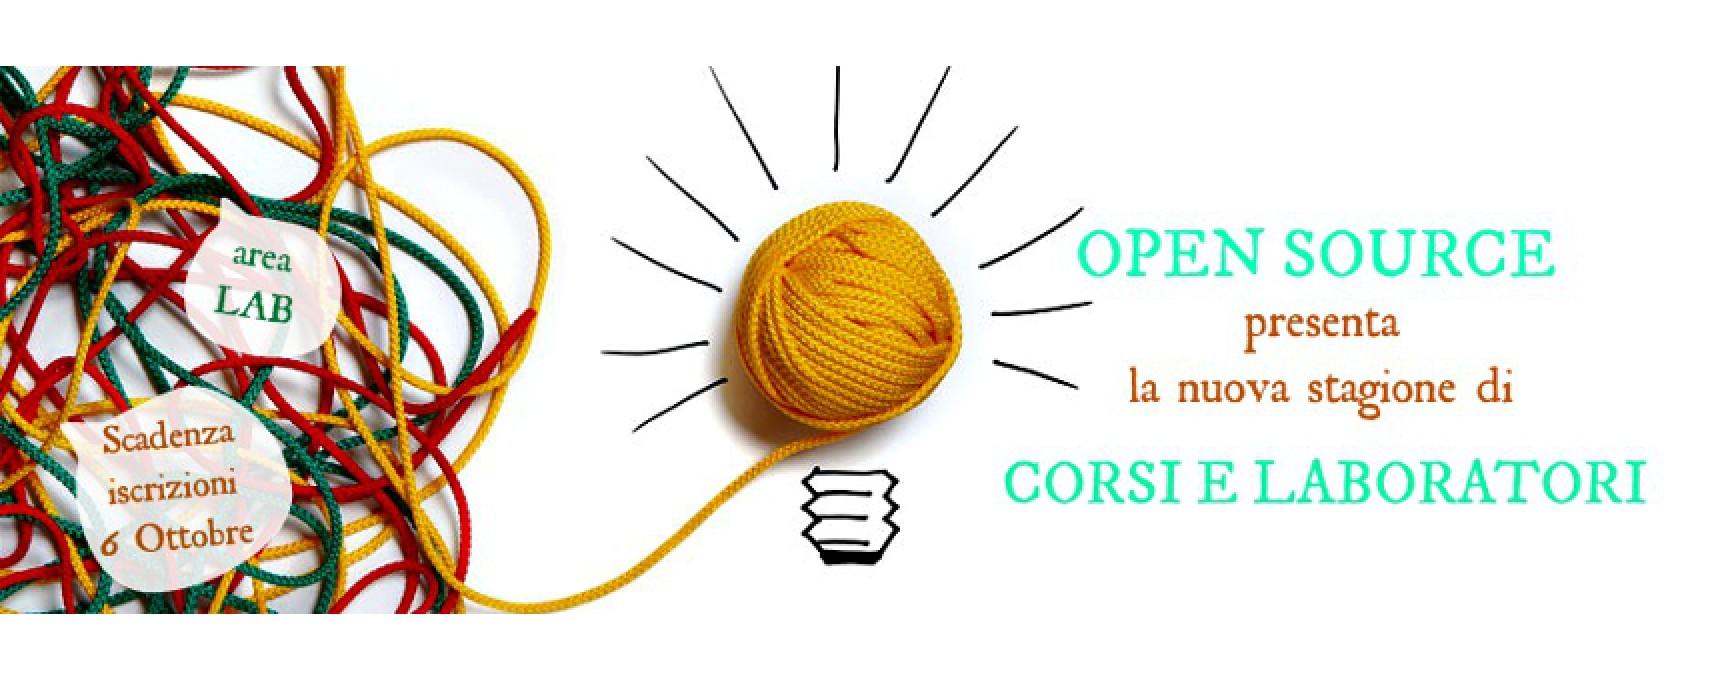 Open Source Bisceglie, riparte la stagione dei corsi